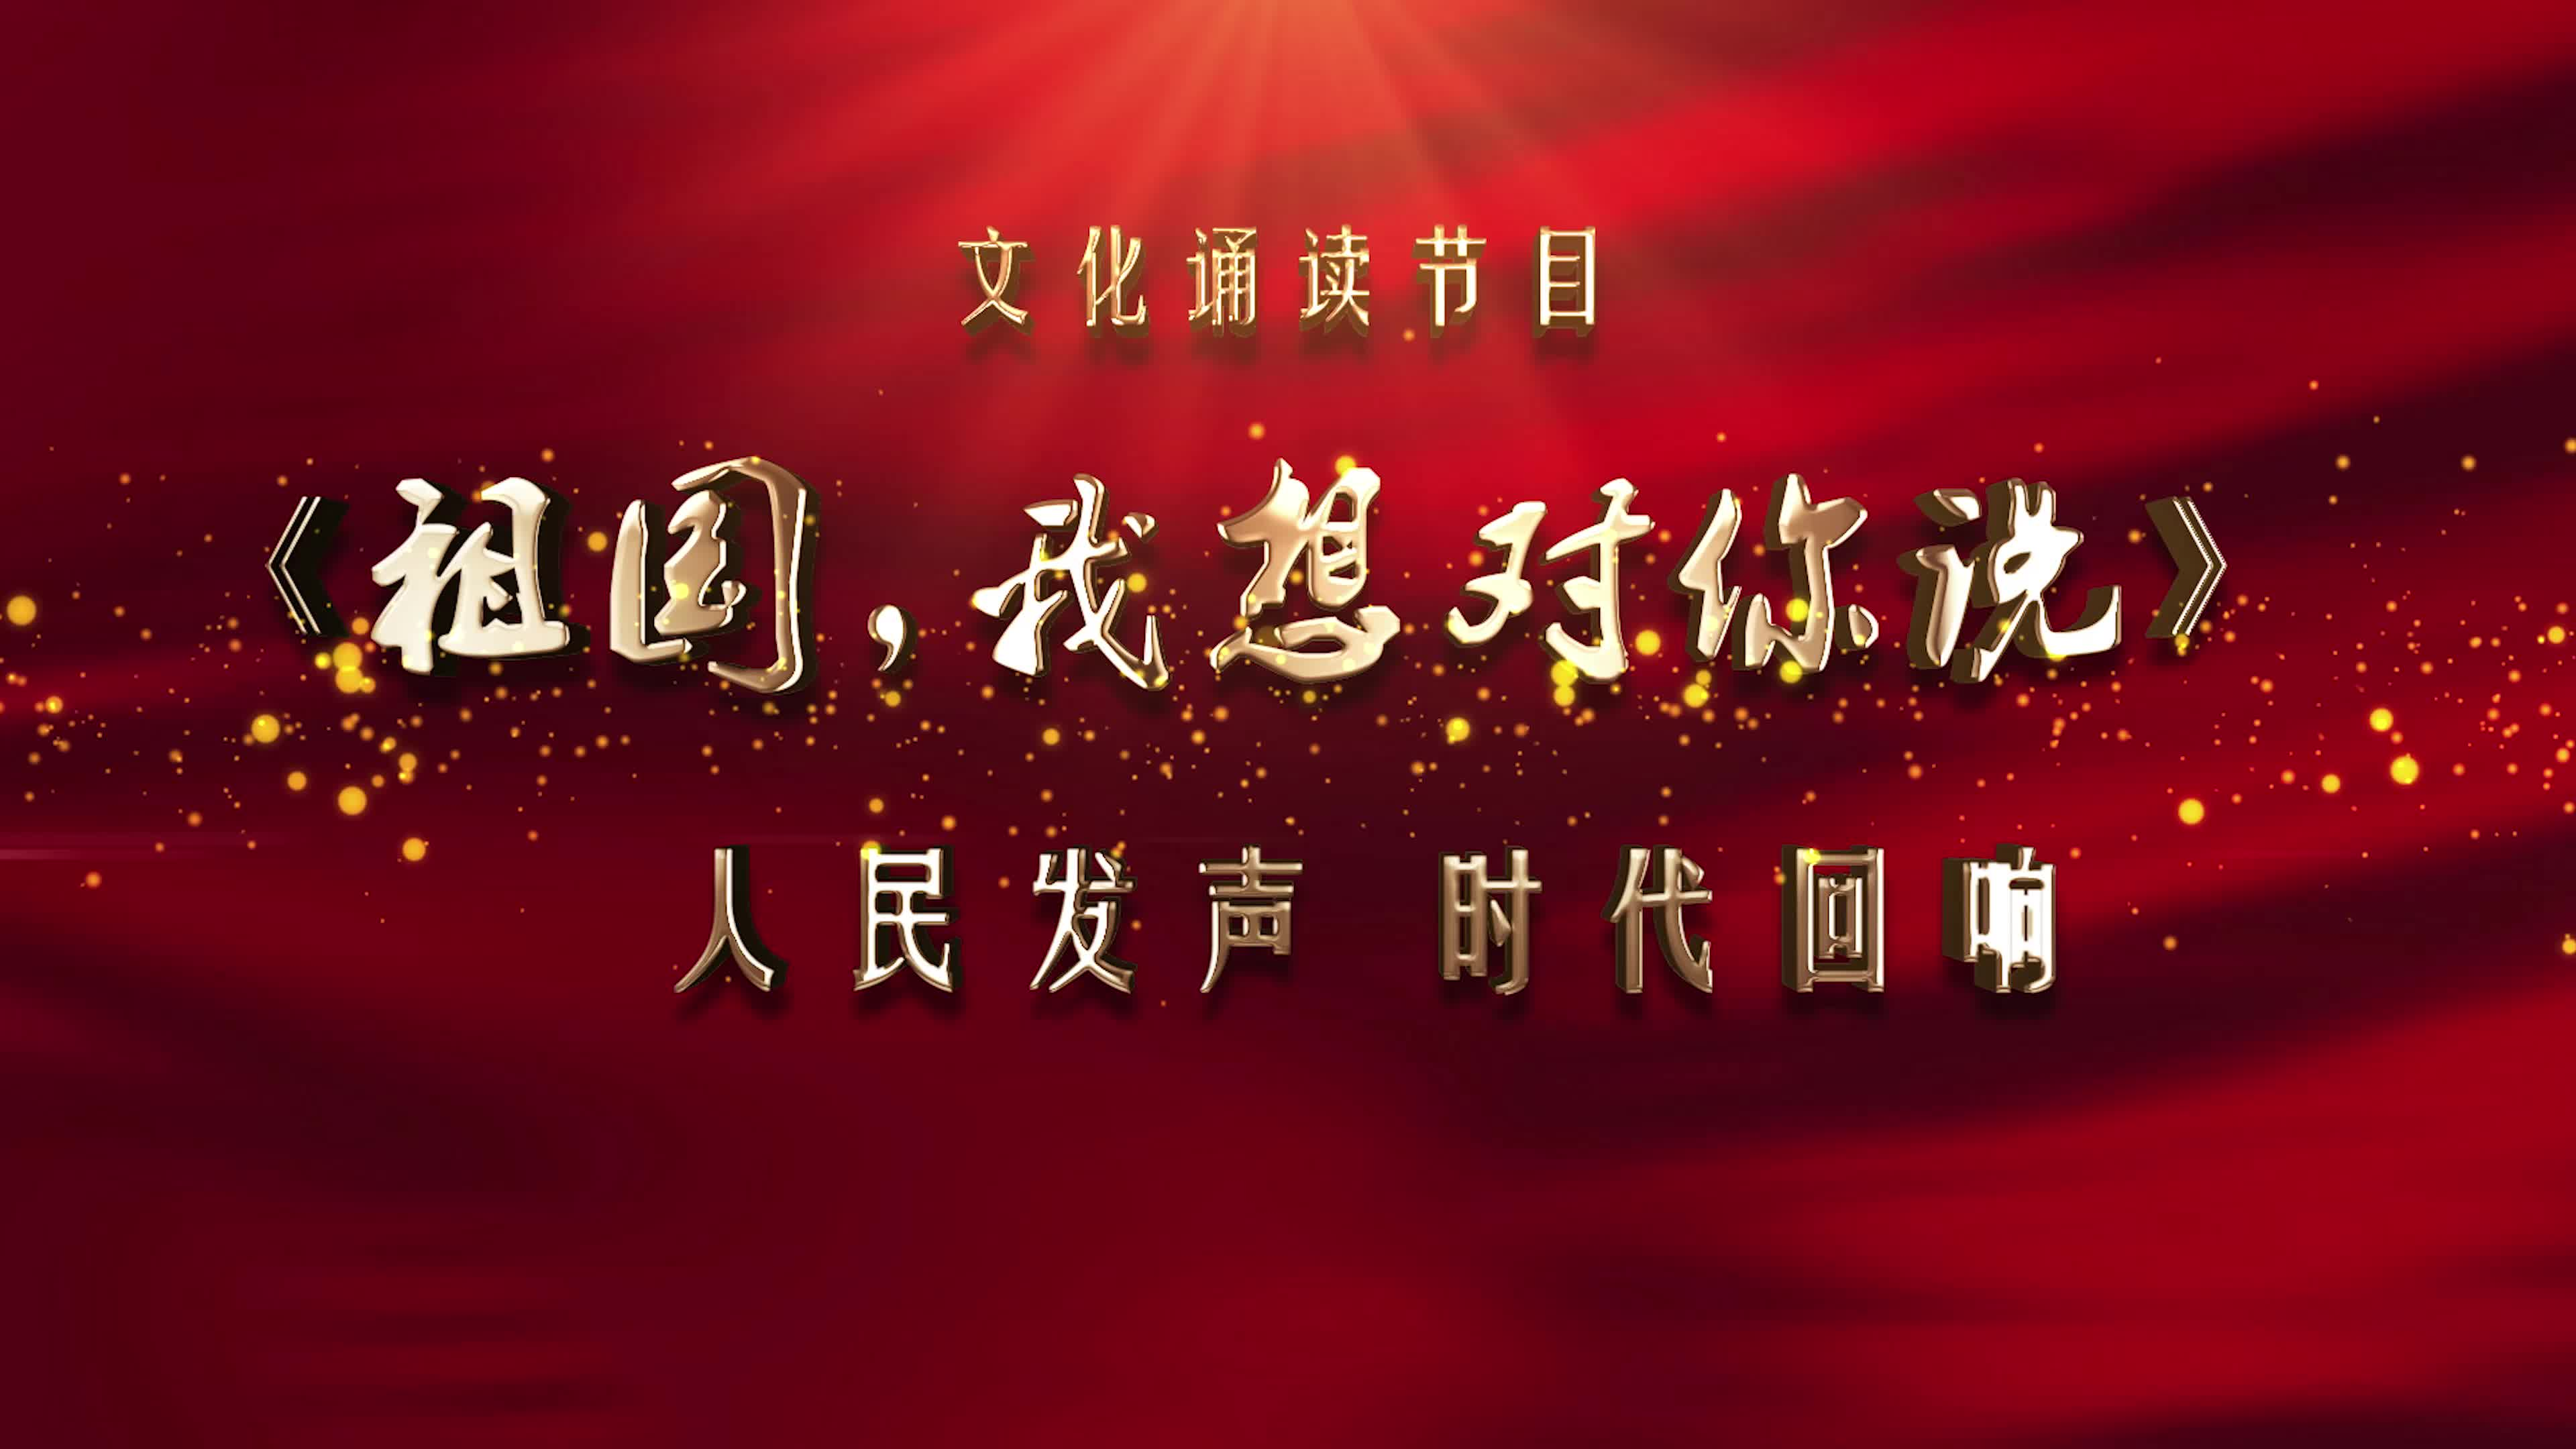 著名歌唱家冯健雪写给祖国的一封信,看「共和国的百灵鸟」怎样高歌祖国?